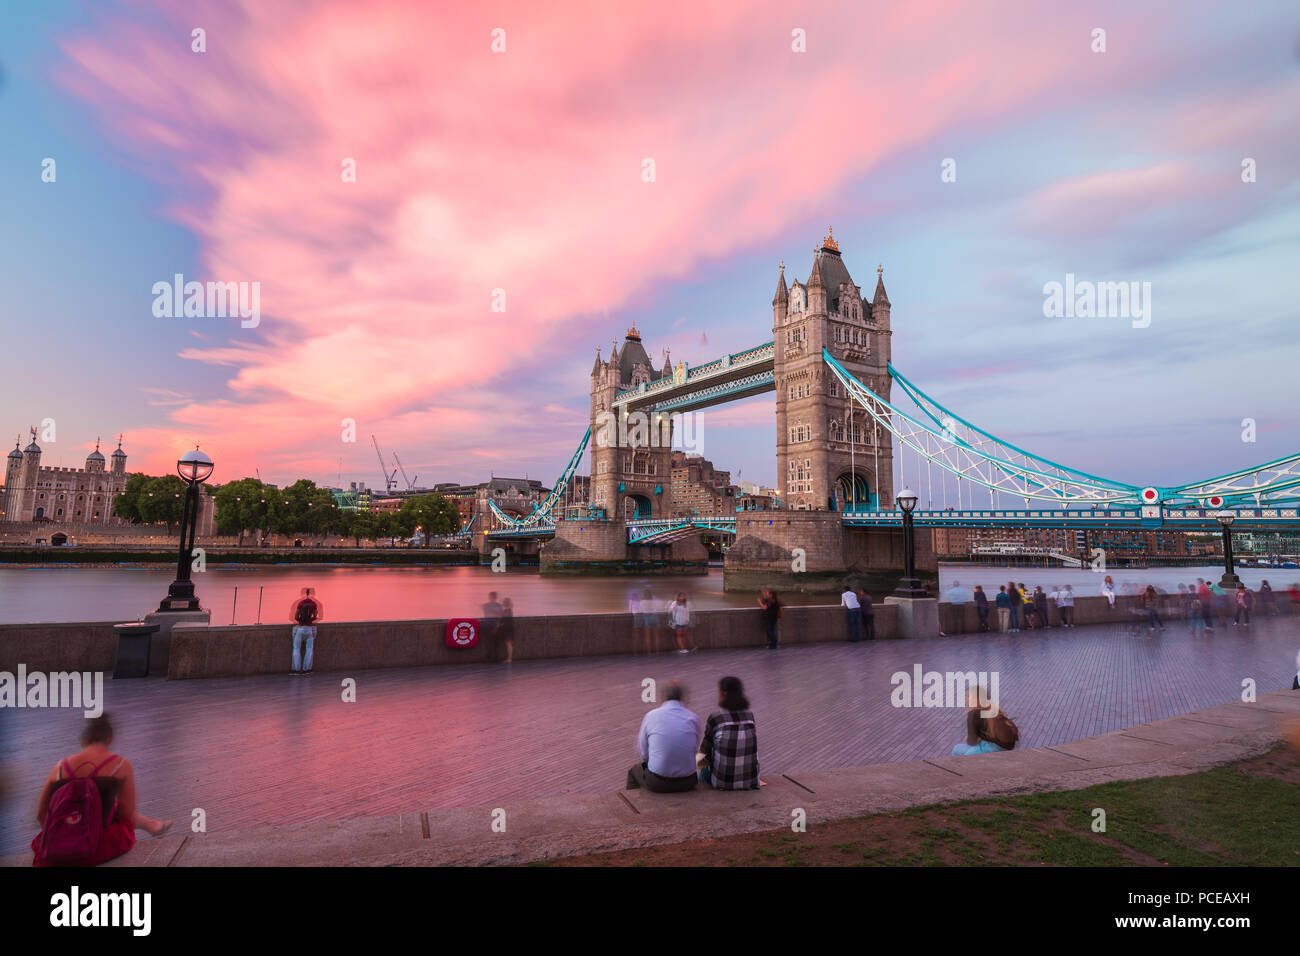 Londres, Reino Unido: el famoso puente de la torre disparó desde un ángulo distinto y posibles Imagen De Stock